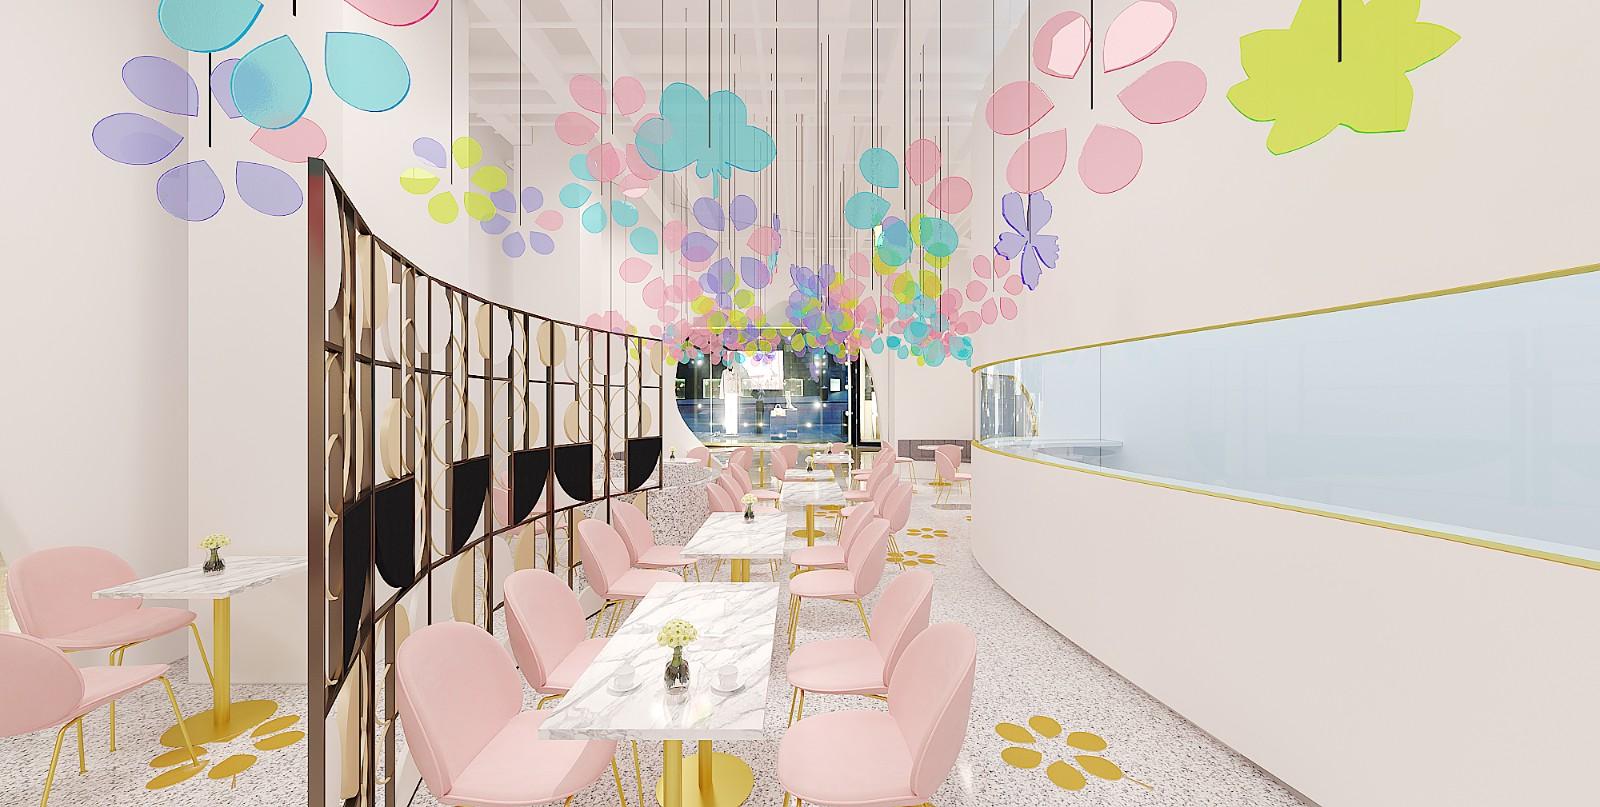 点小仙_重庆餐饮设计公司【上创品牌策划】